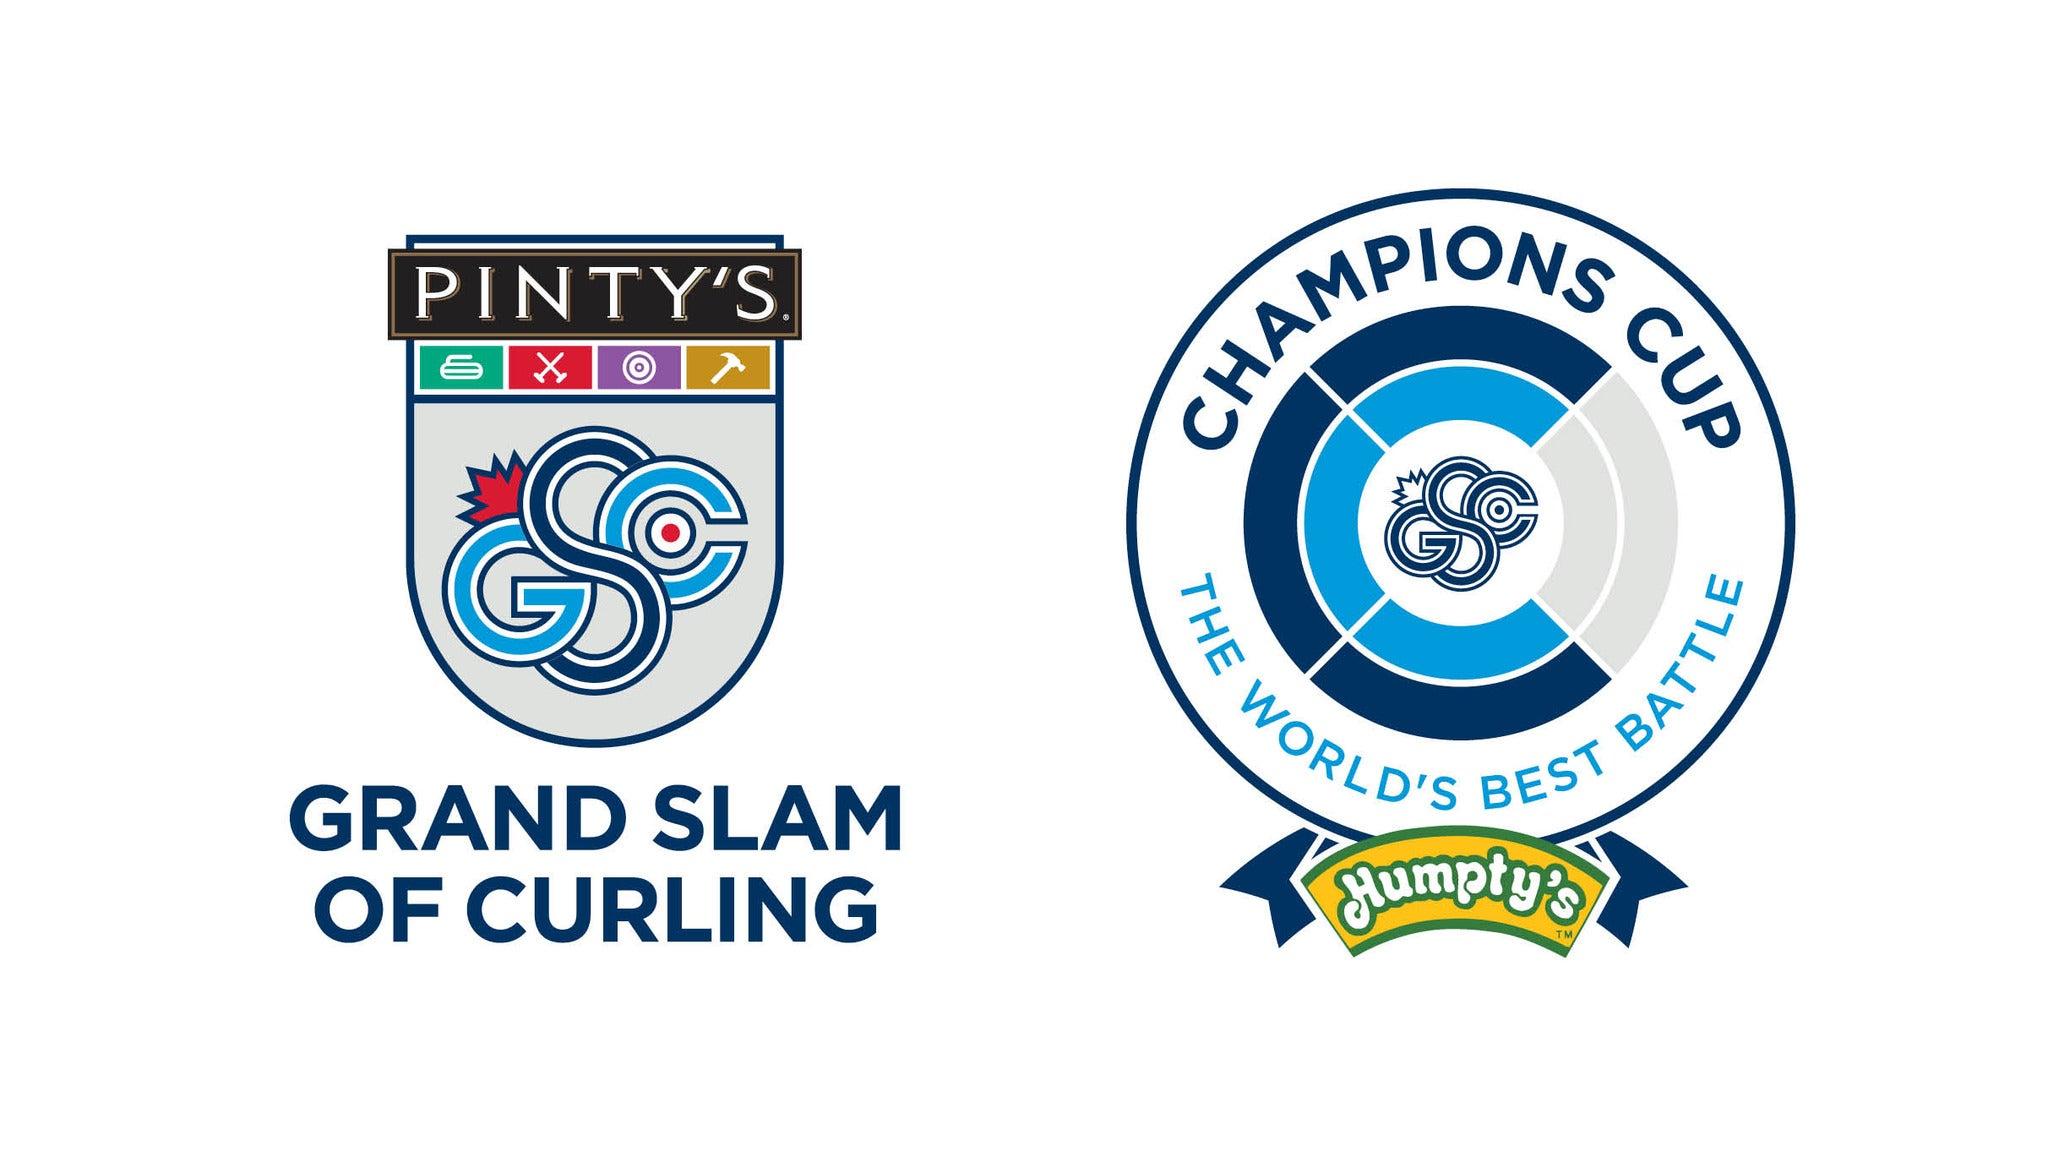 Pinty's Grand Slam Of Curling - Weekend Mini Package